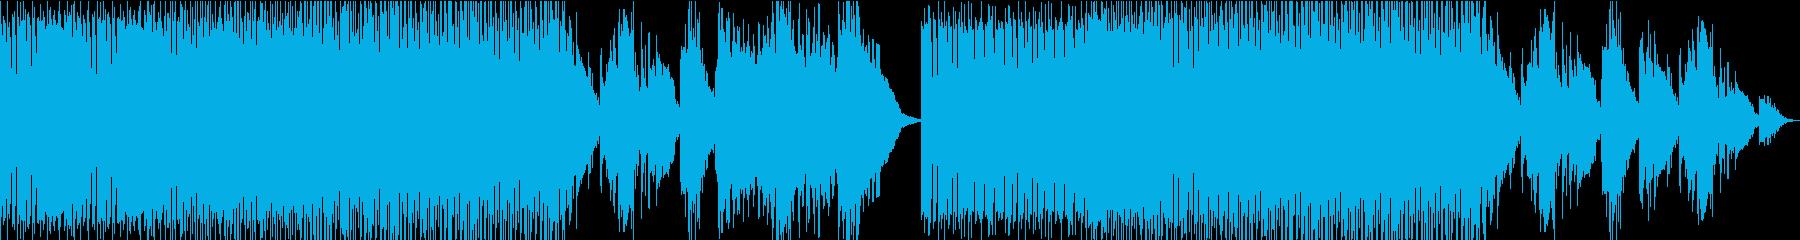 メロディアスで爽快感のあるEDMの再生済みの波形